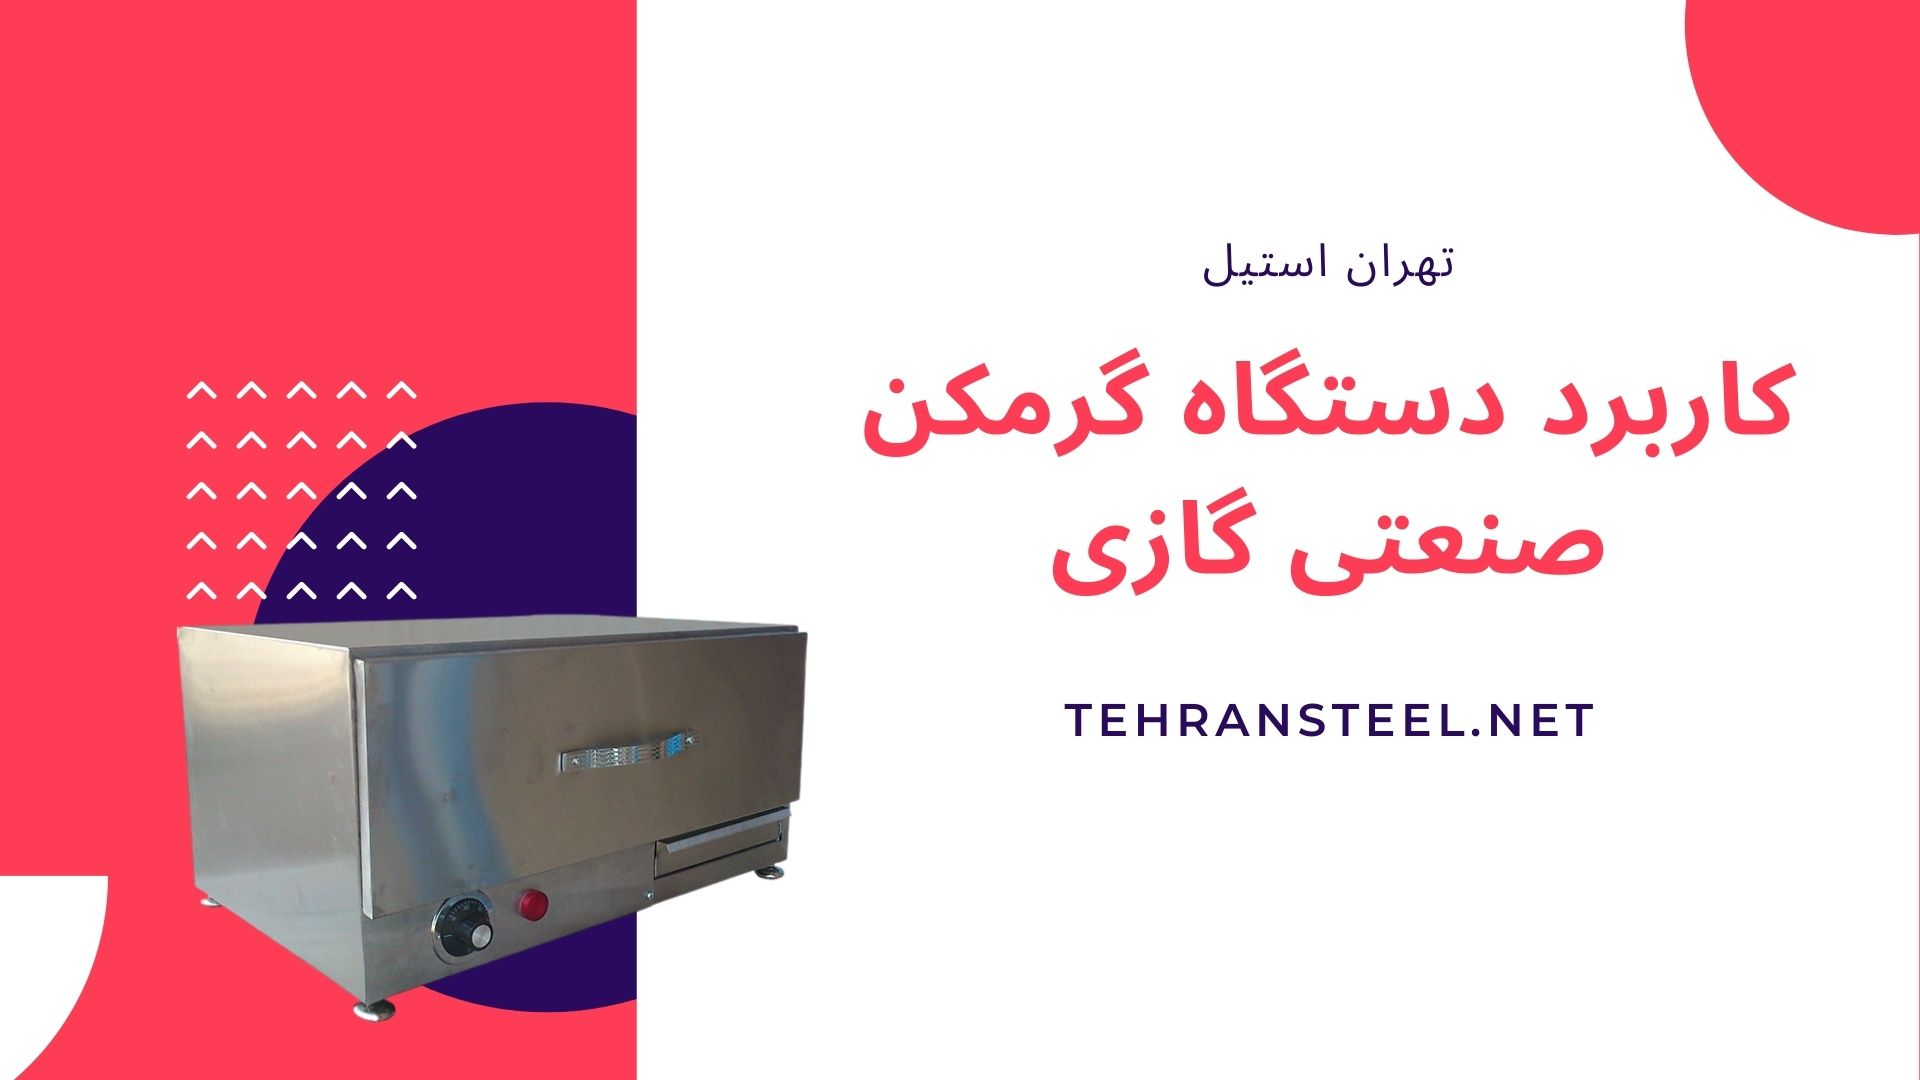 کاربرد دستگاه گرمکن صنعتی گازی